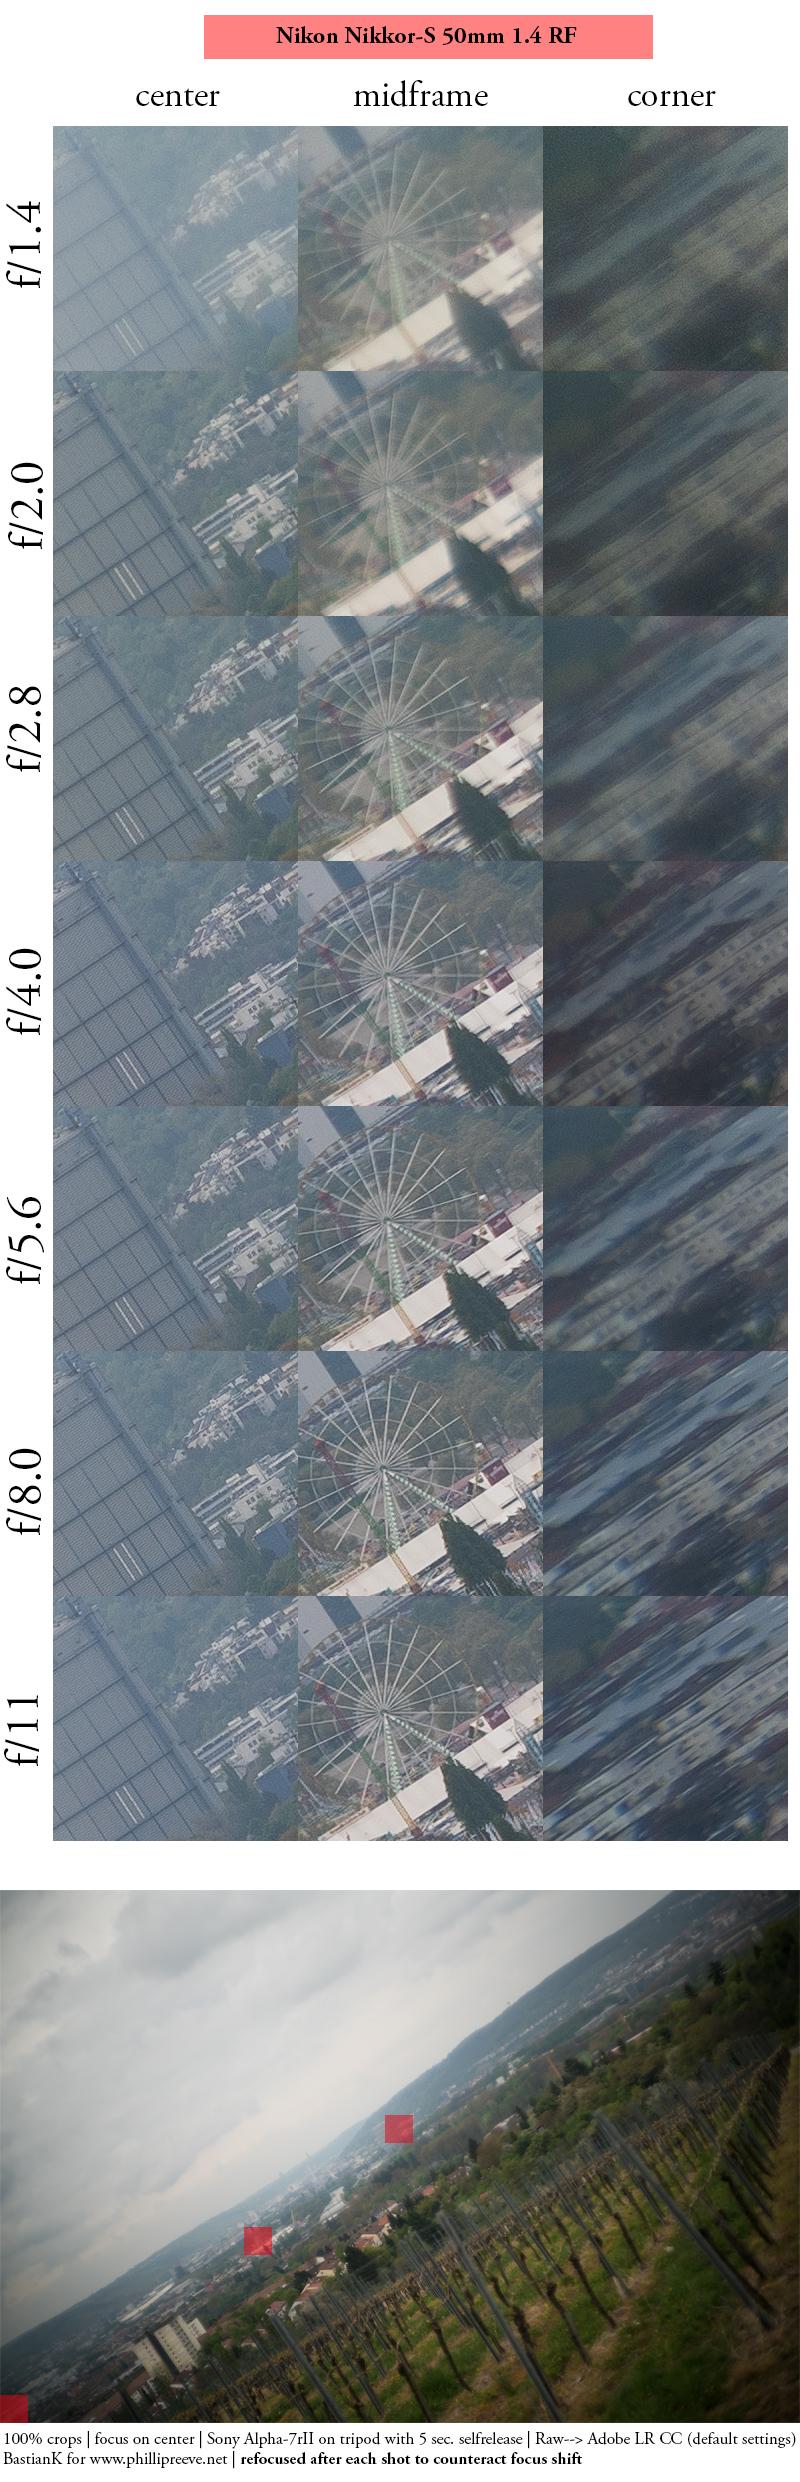 nikon s nikkor rangefinder nikkor-s 50mm 1.4 rf sony a7 a7rii sharpness resolution contrast